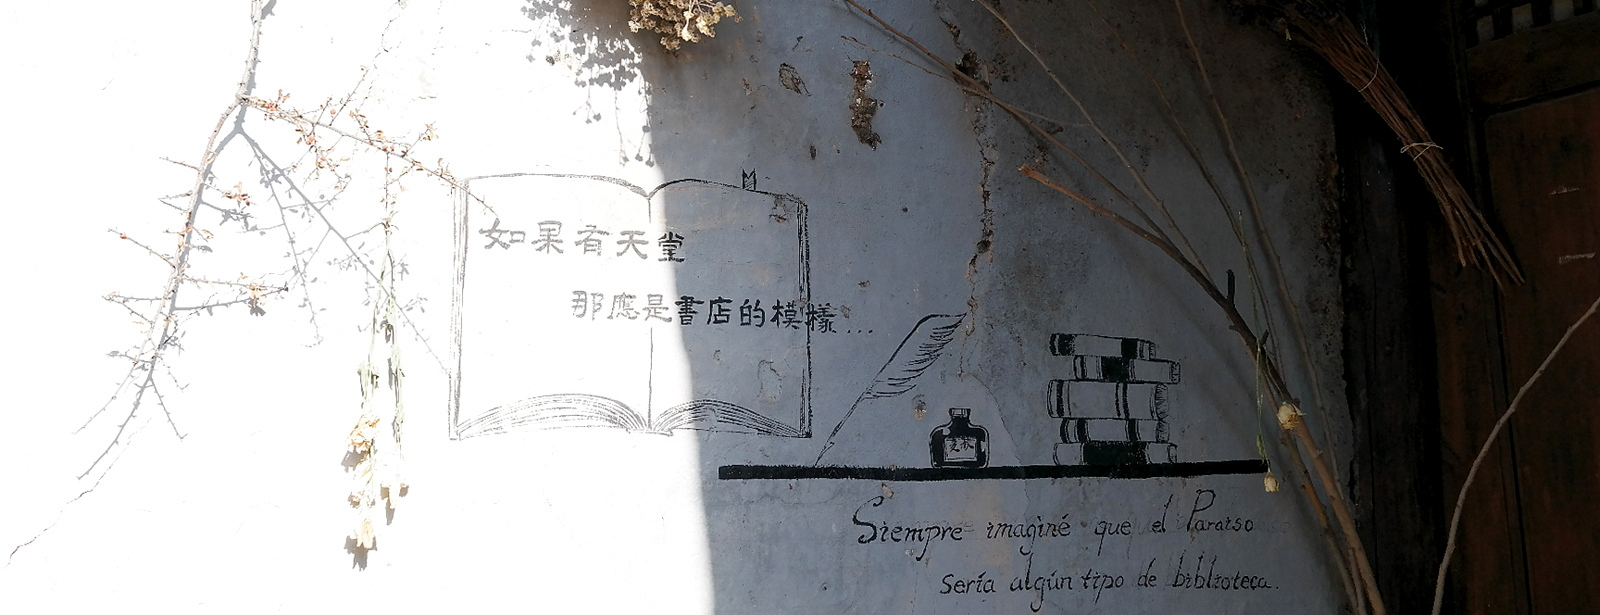 Shaxi Bookstore